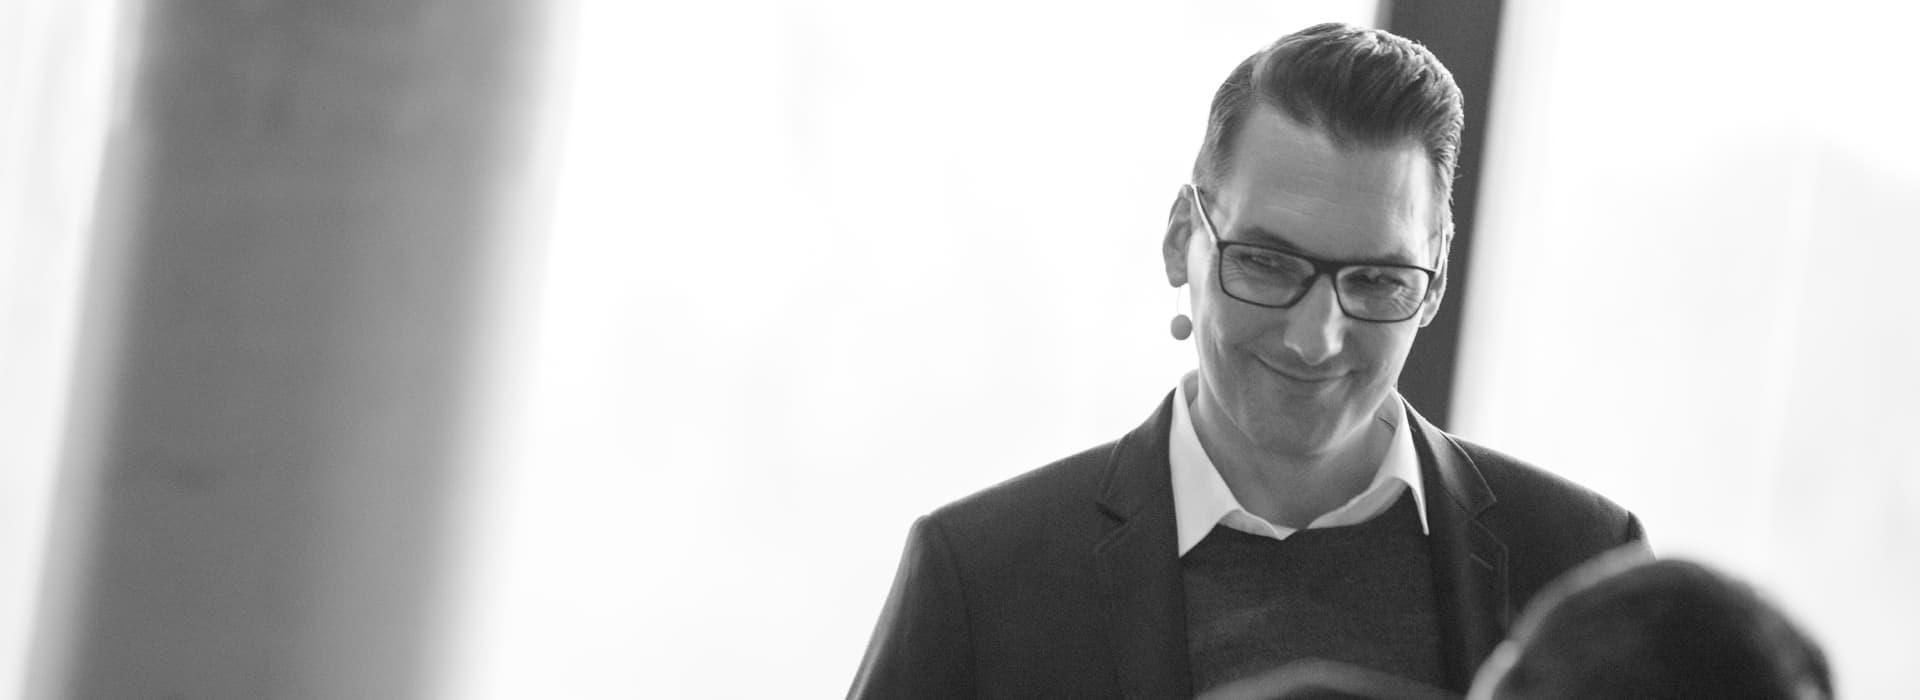 Steffen Kuhnert, Apotheker, Gesundheitsexperte, Gesundheitsunternehmer